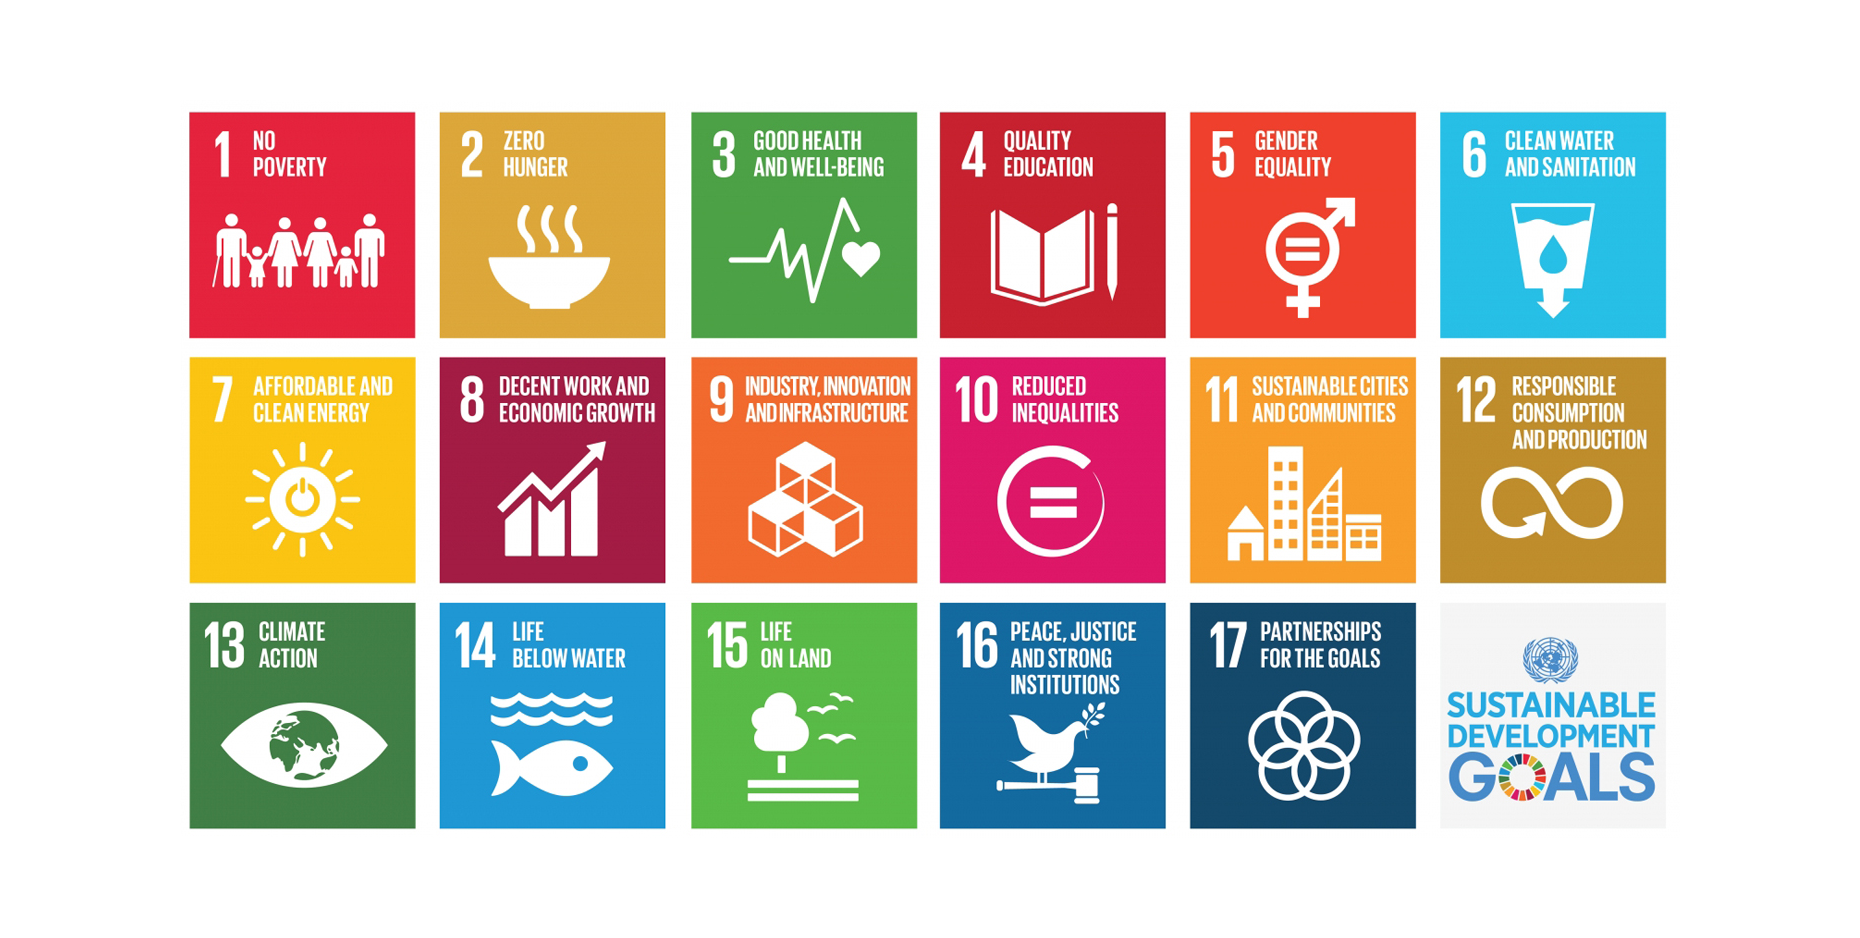 Klik op de afbeelding om alle 17 Sustainable Development Goals van de Verenigde Naties te zien